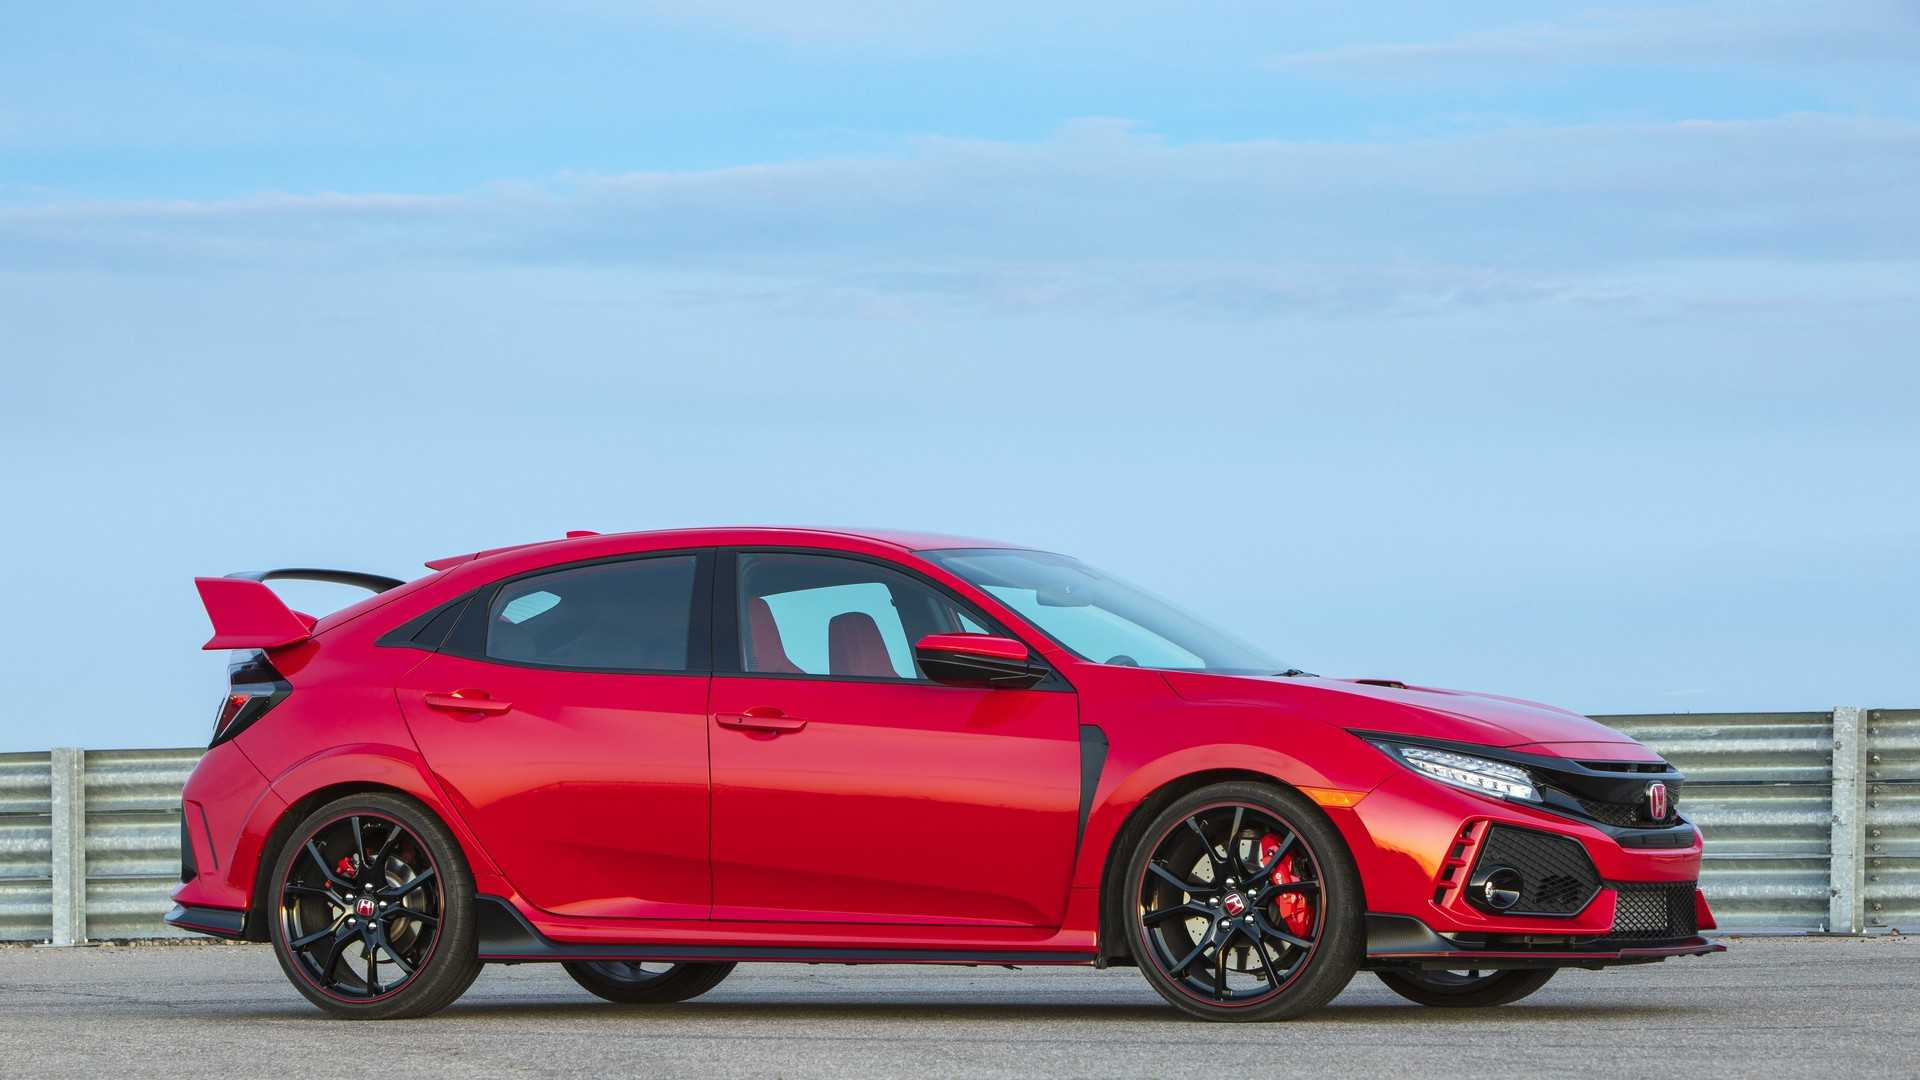 Honda Civic Type R pode virar híbrido na próxima geração 2019-honda-civic-type-r